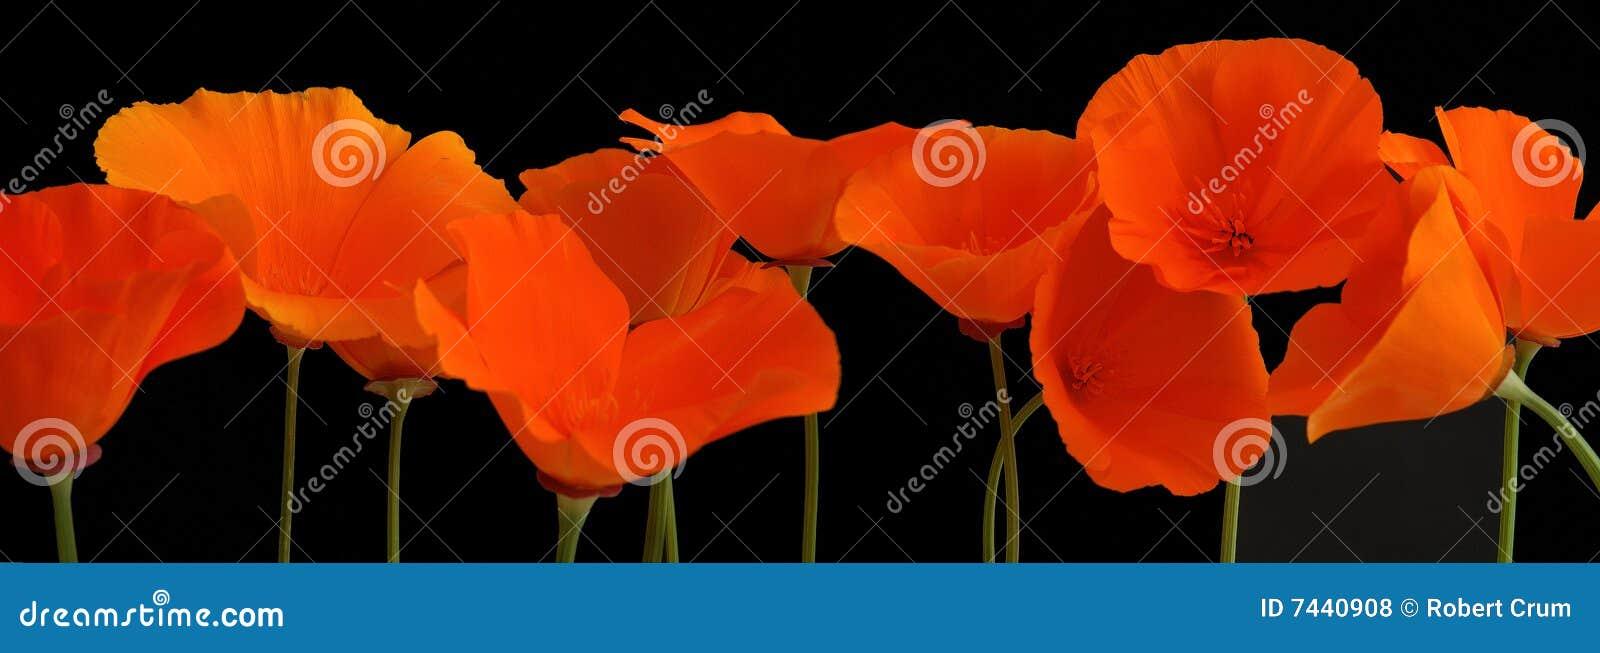 橙色全景鸦片